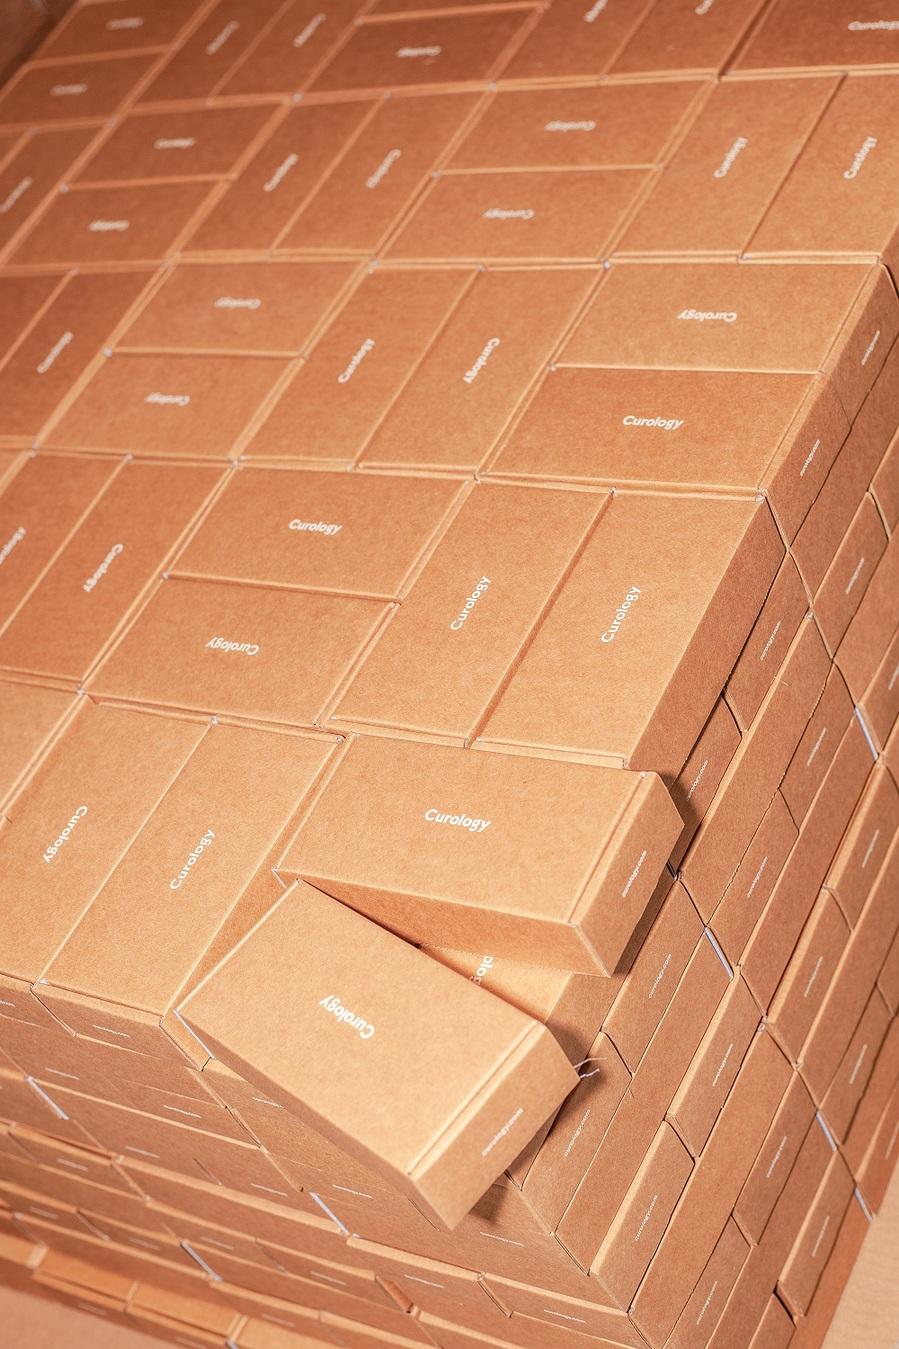 pila ordenada de cajas